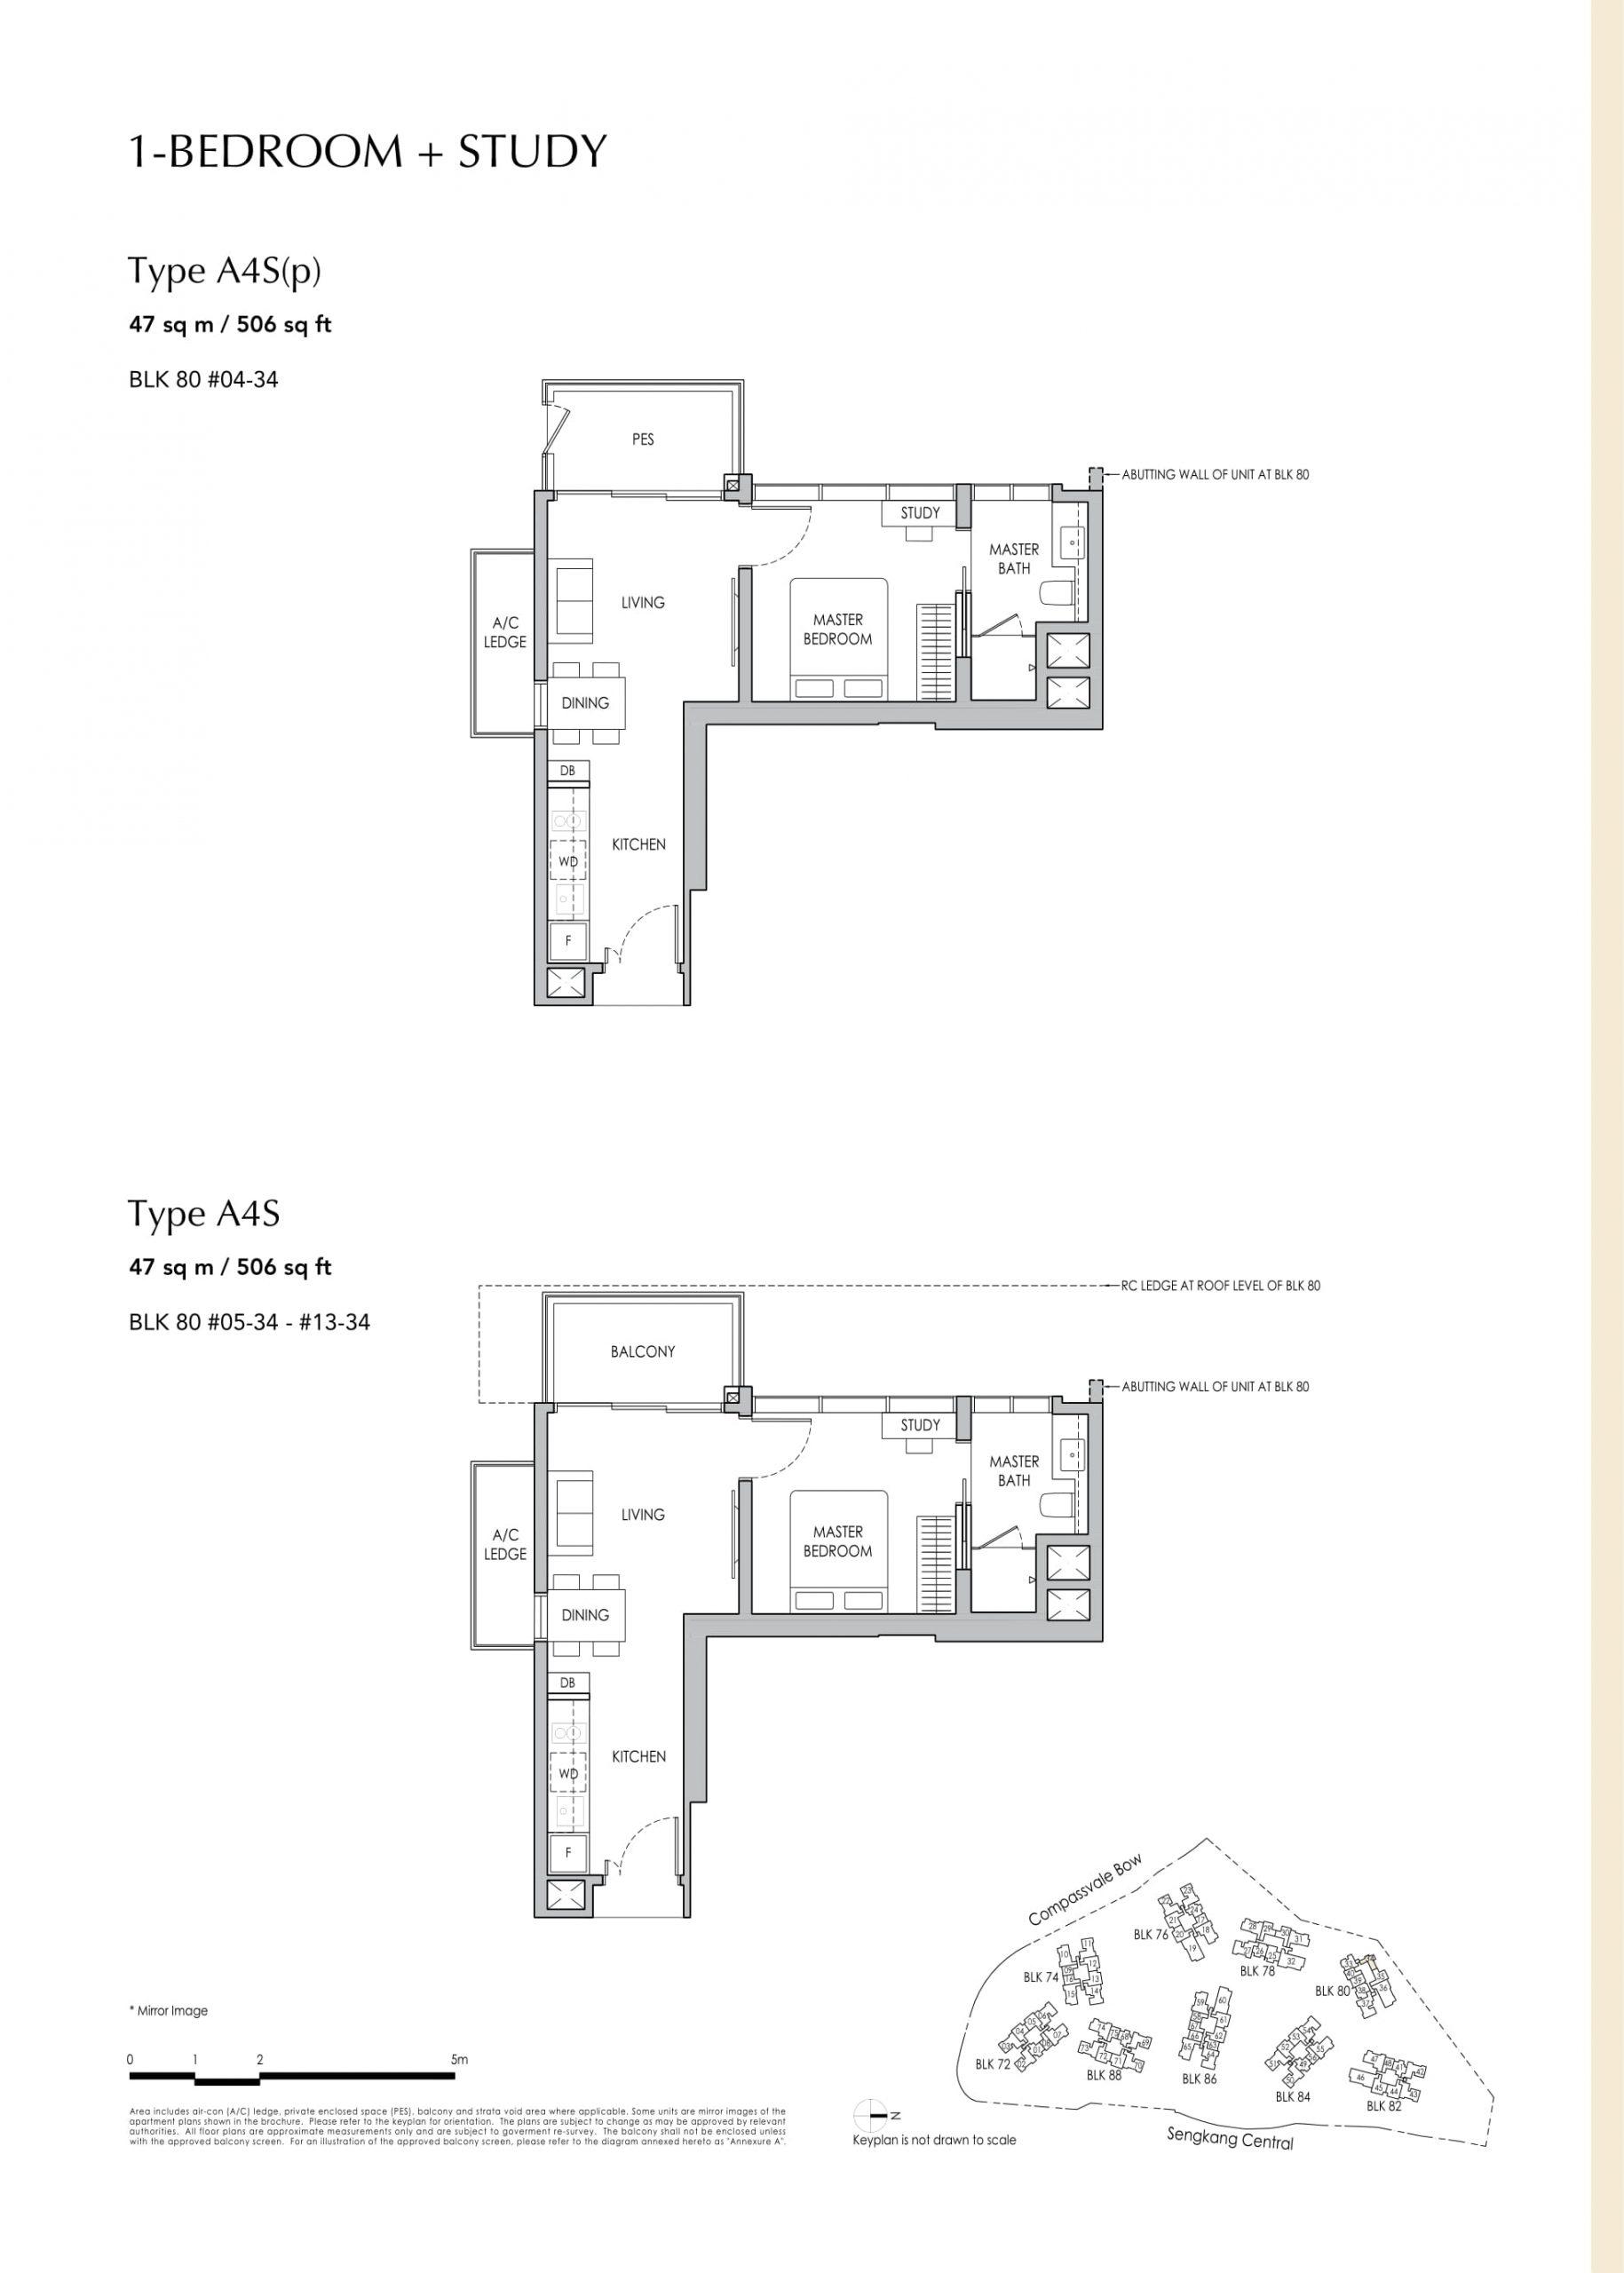 Sengkang Grand Residences' one-bedroom + study types